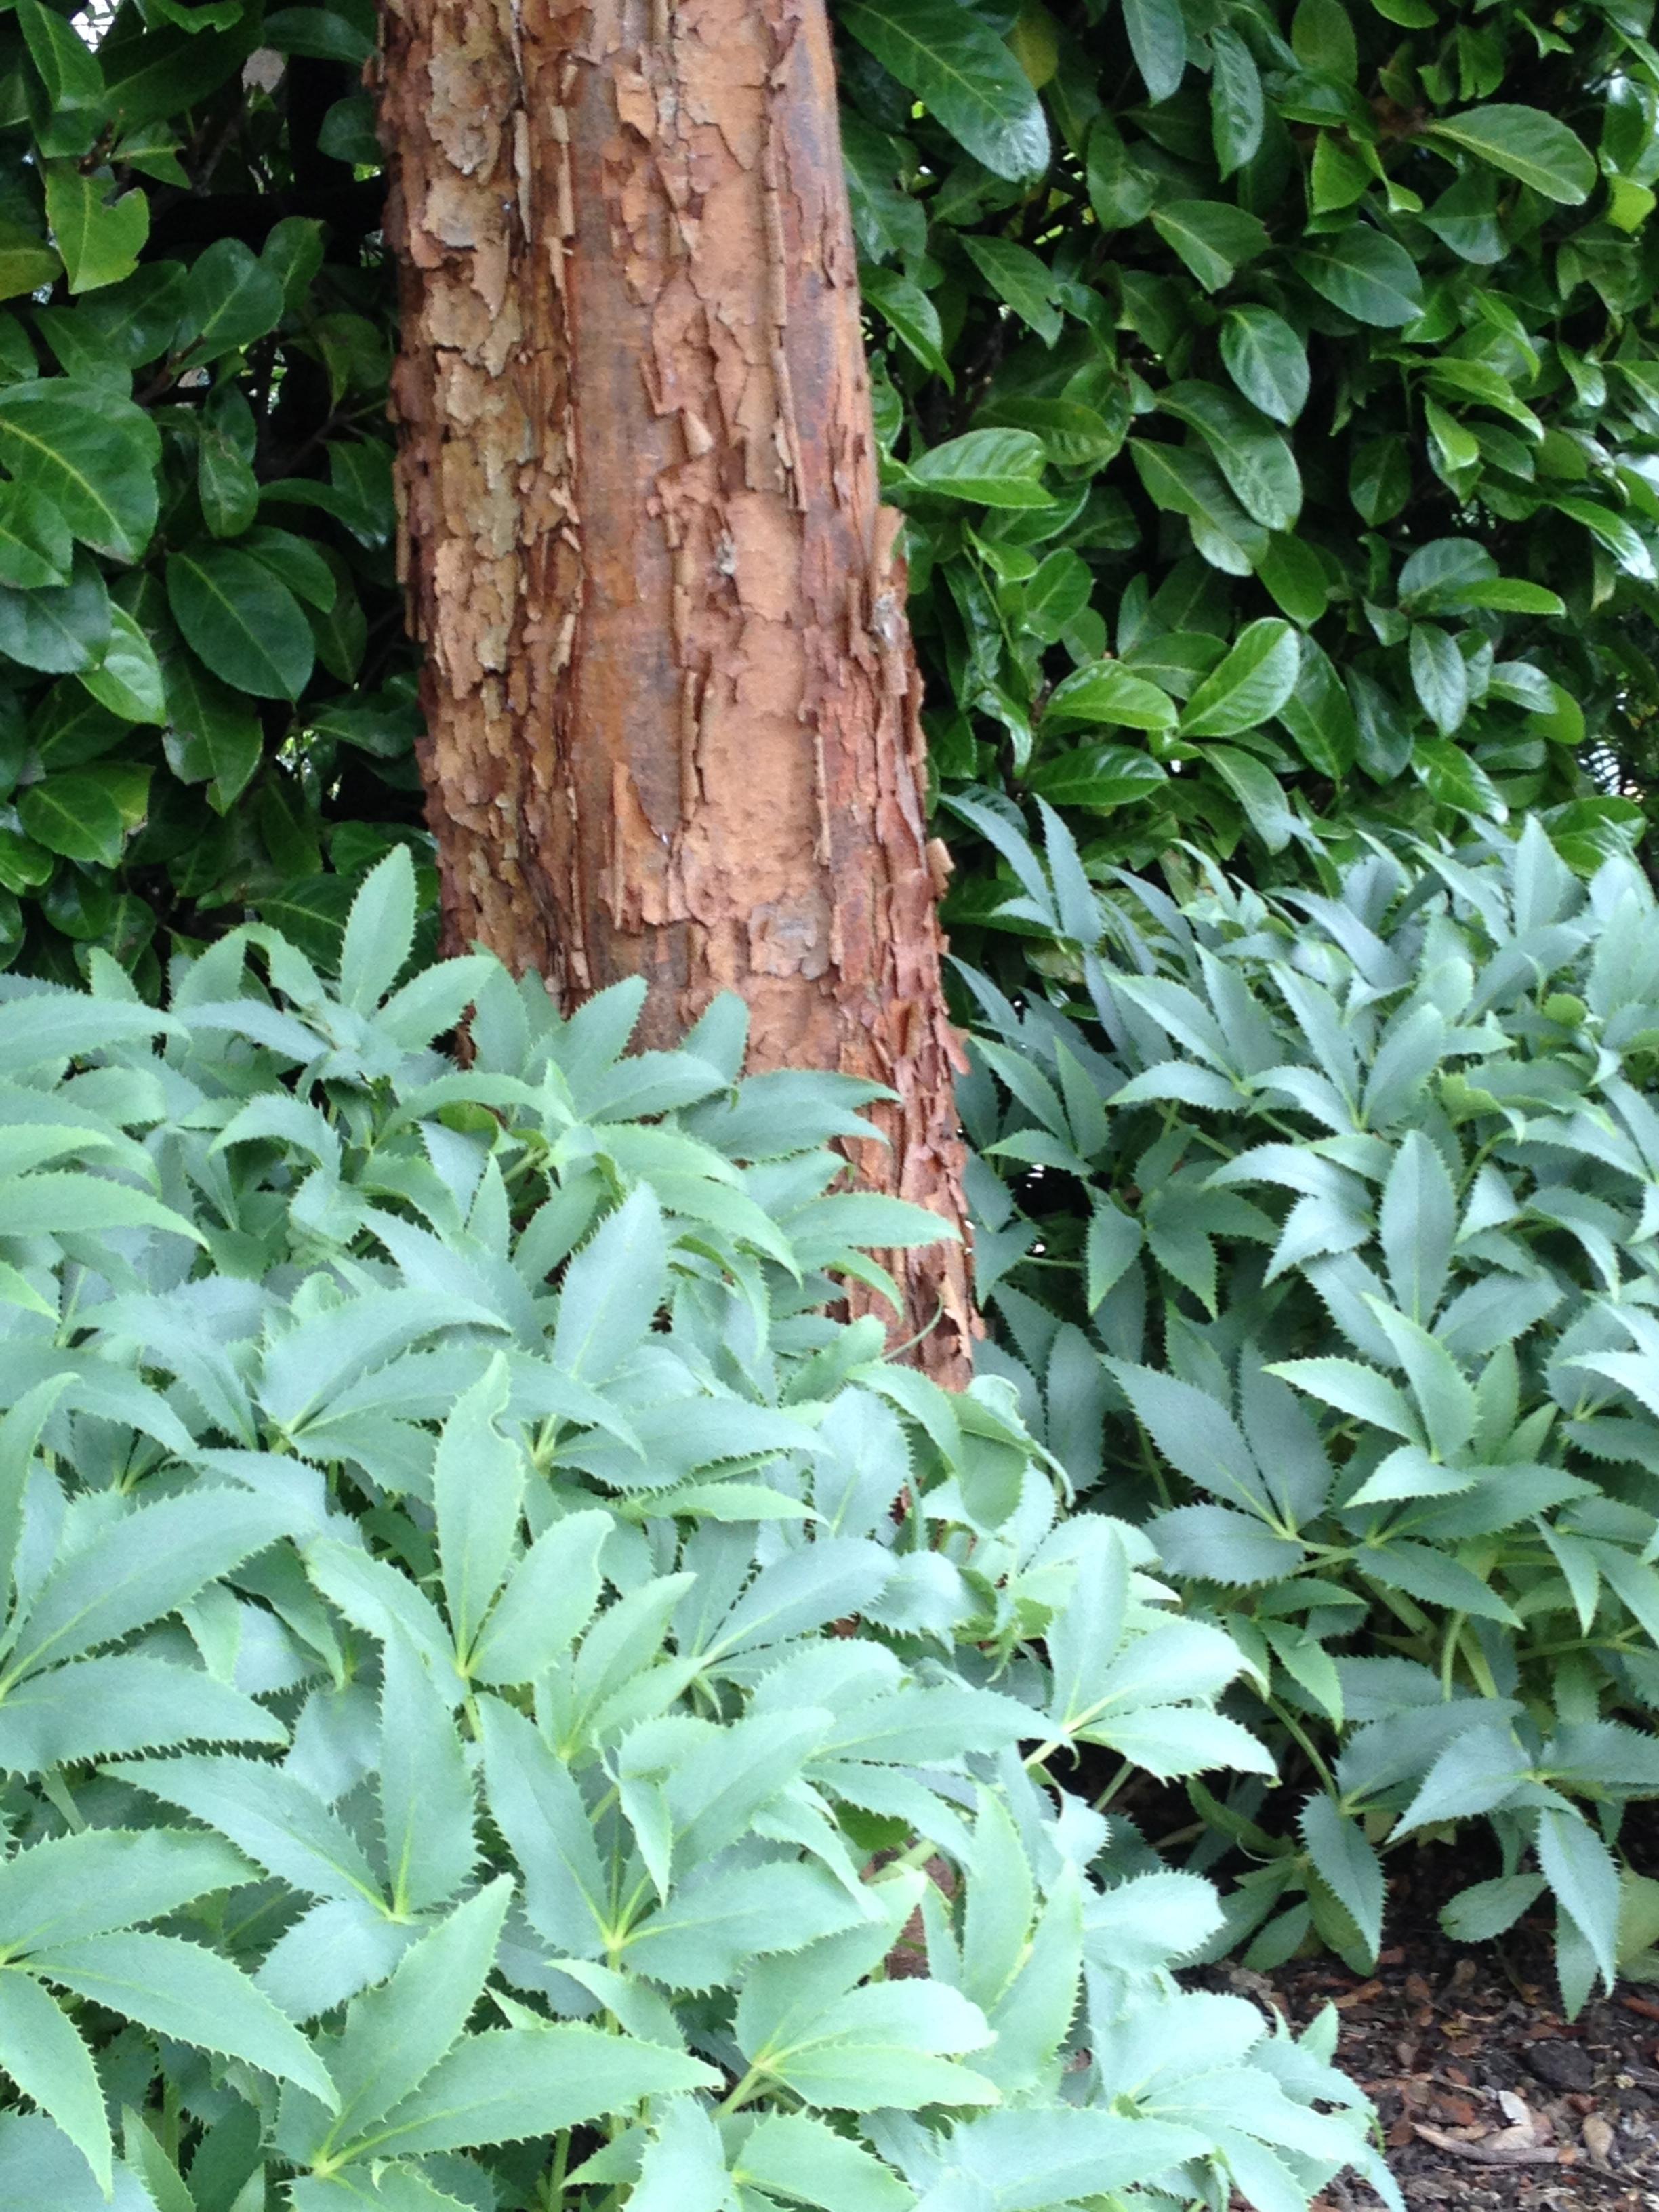 Acer griseum's bark of umber is the perfect contrast to Helleborus argutifolius